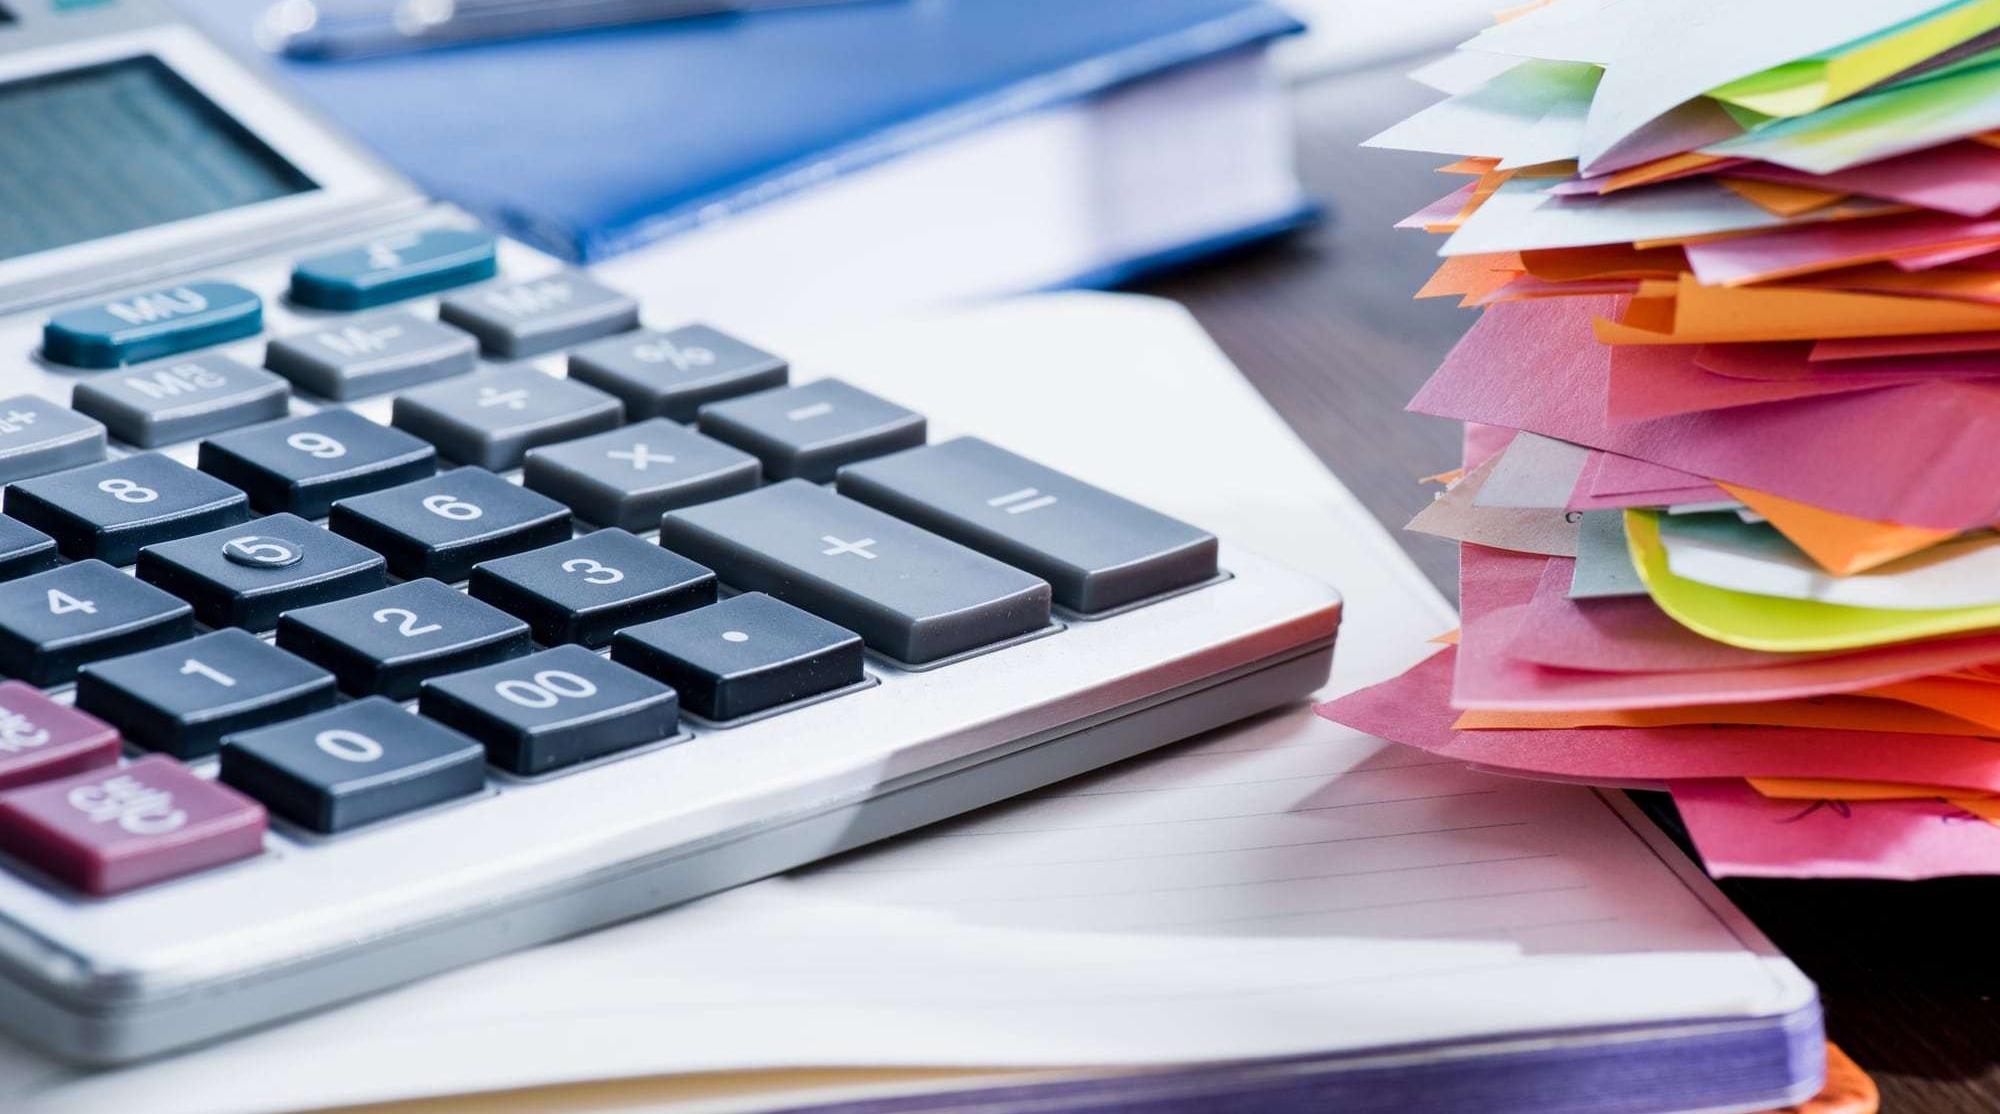 В состав накладных расходов в смете могут входит затраты на поддержание функционирования предприятия и ремонт оборудования